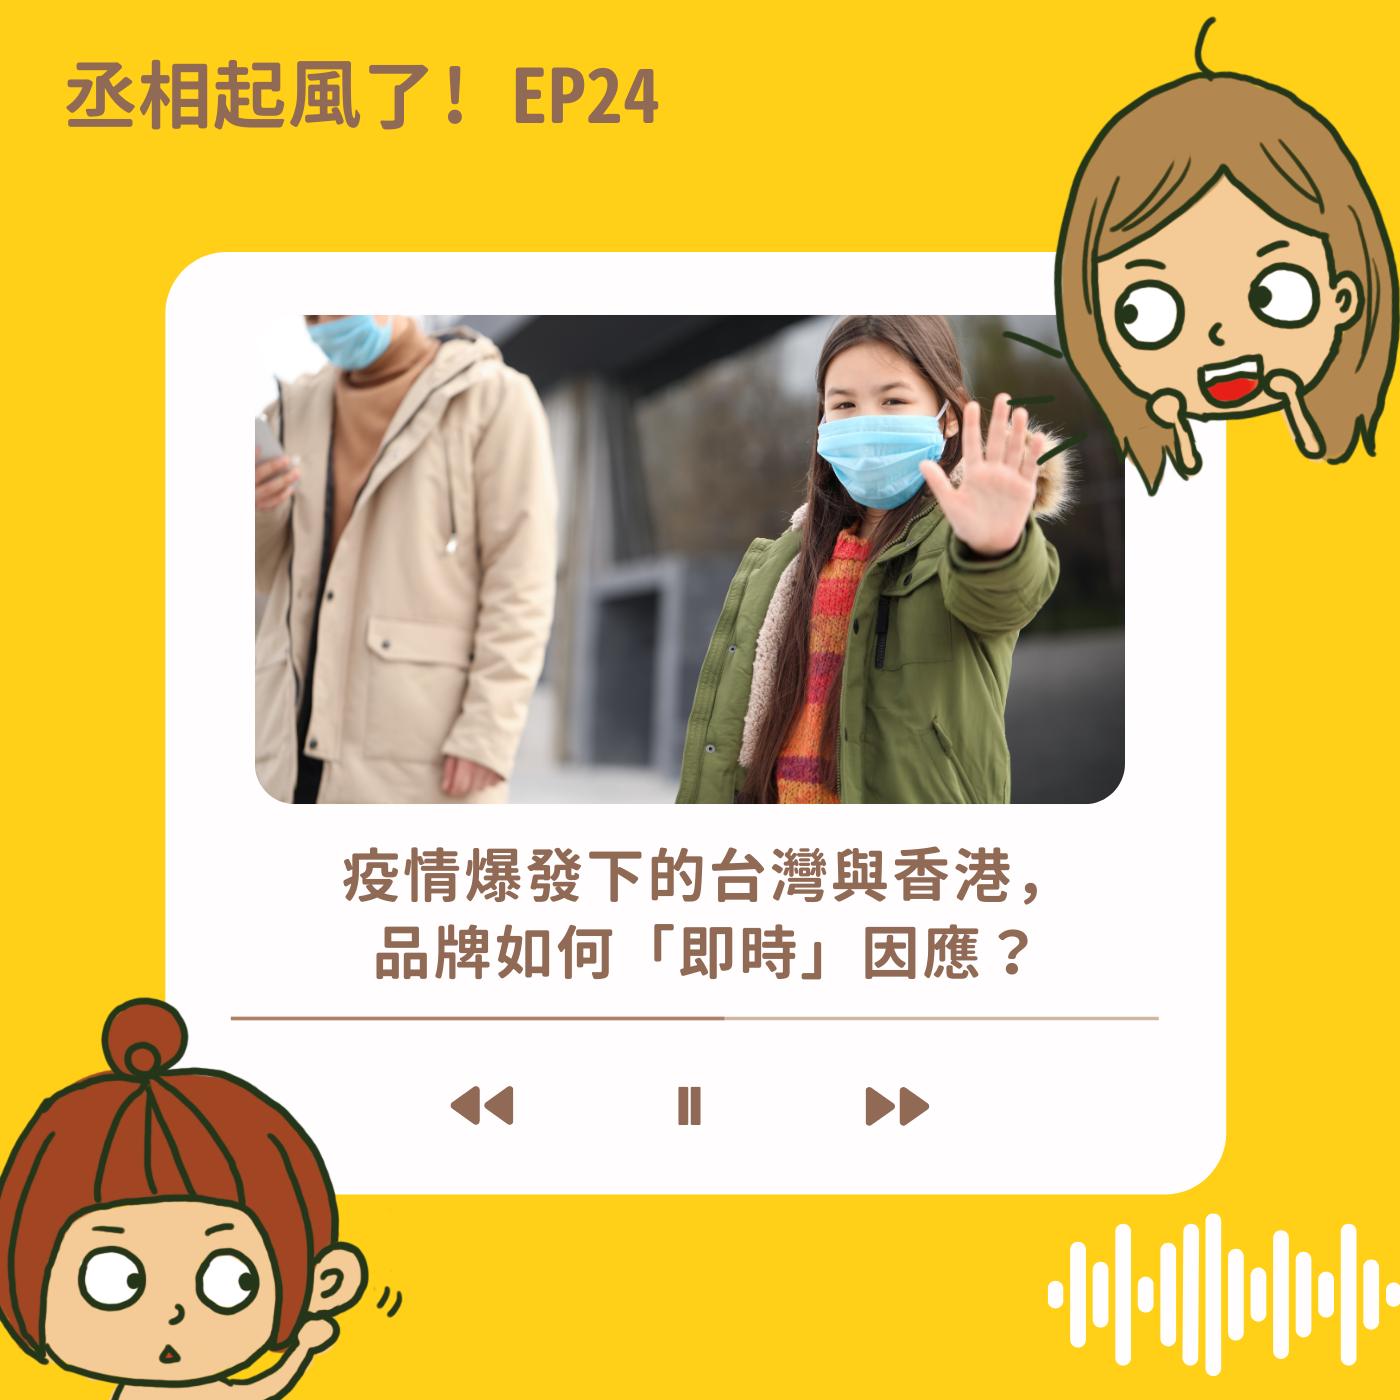 疫情爆發下的台灣與香港,品牌如何「即時」調整行銷活動?-EP 24